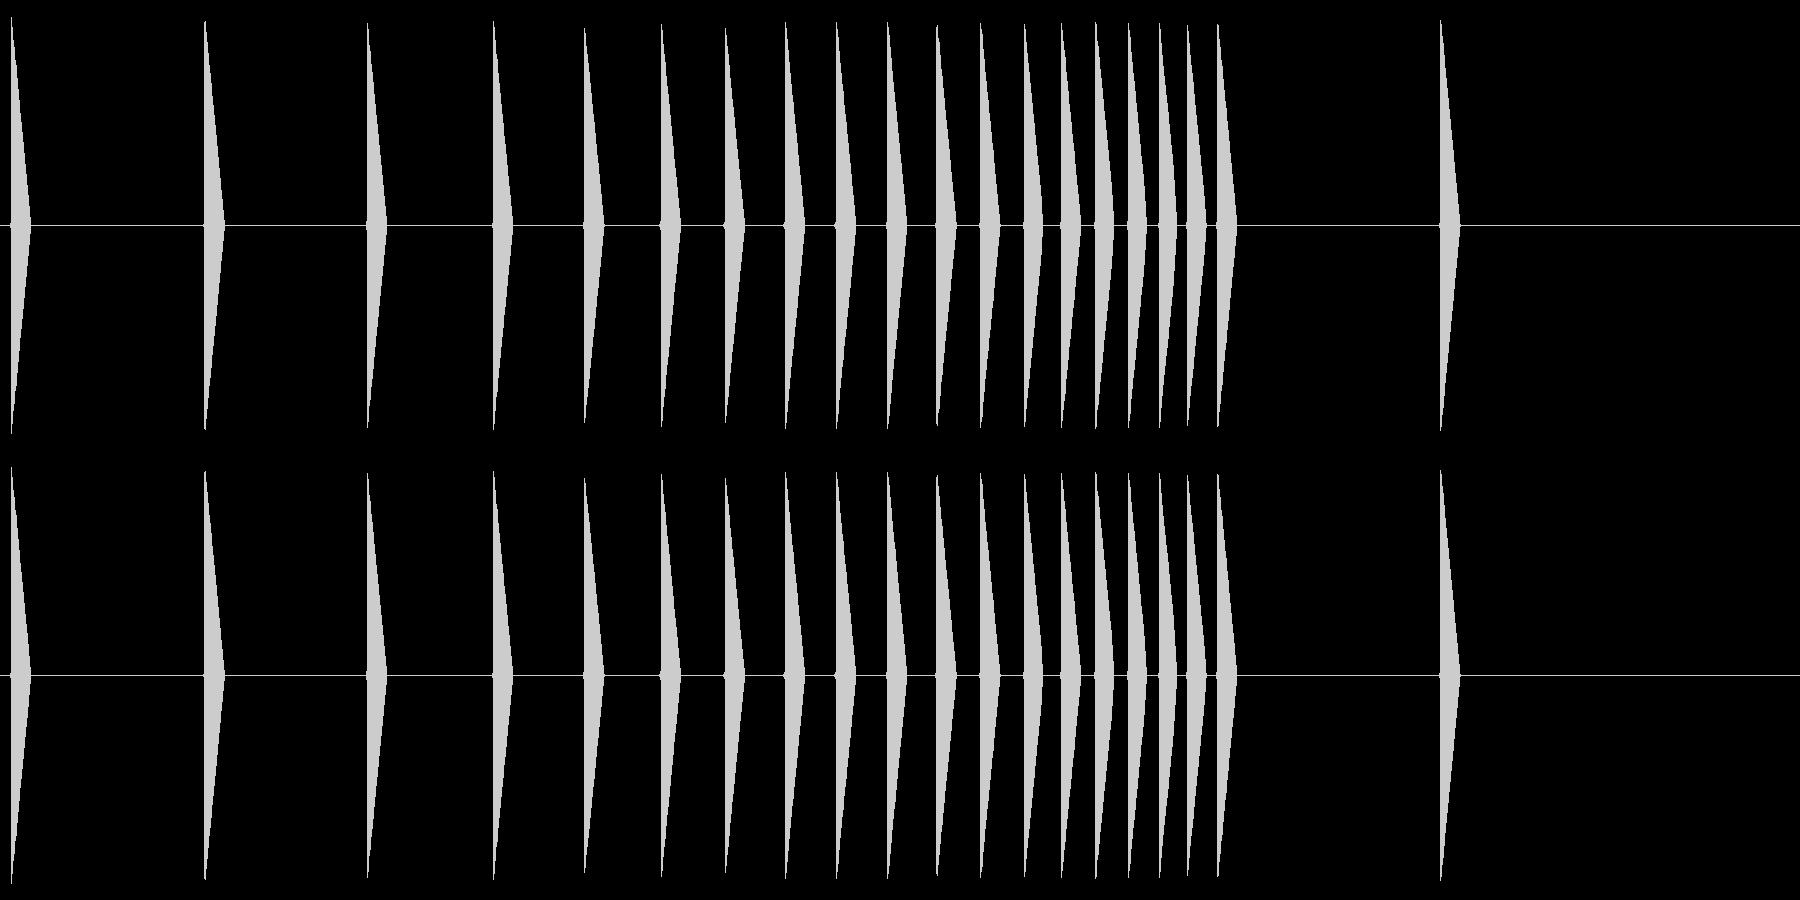 鼓(つづみ)ファミコン系 Tsuzumiの未再生の波形